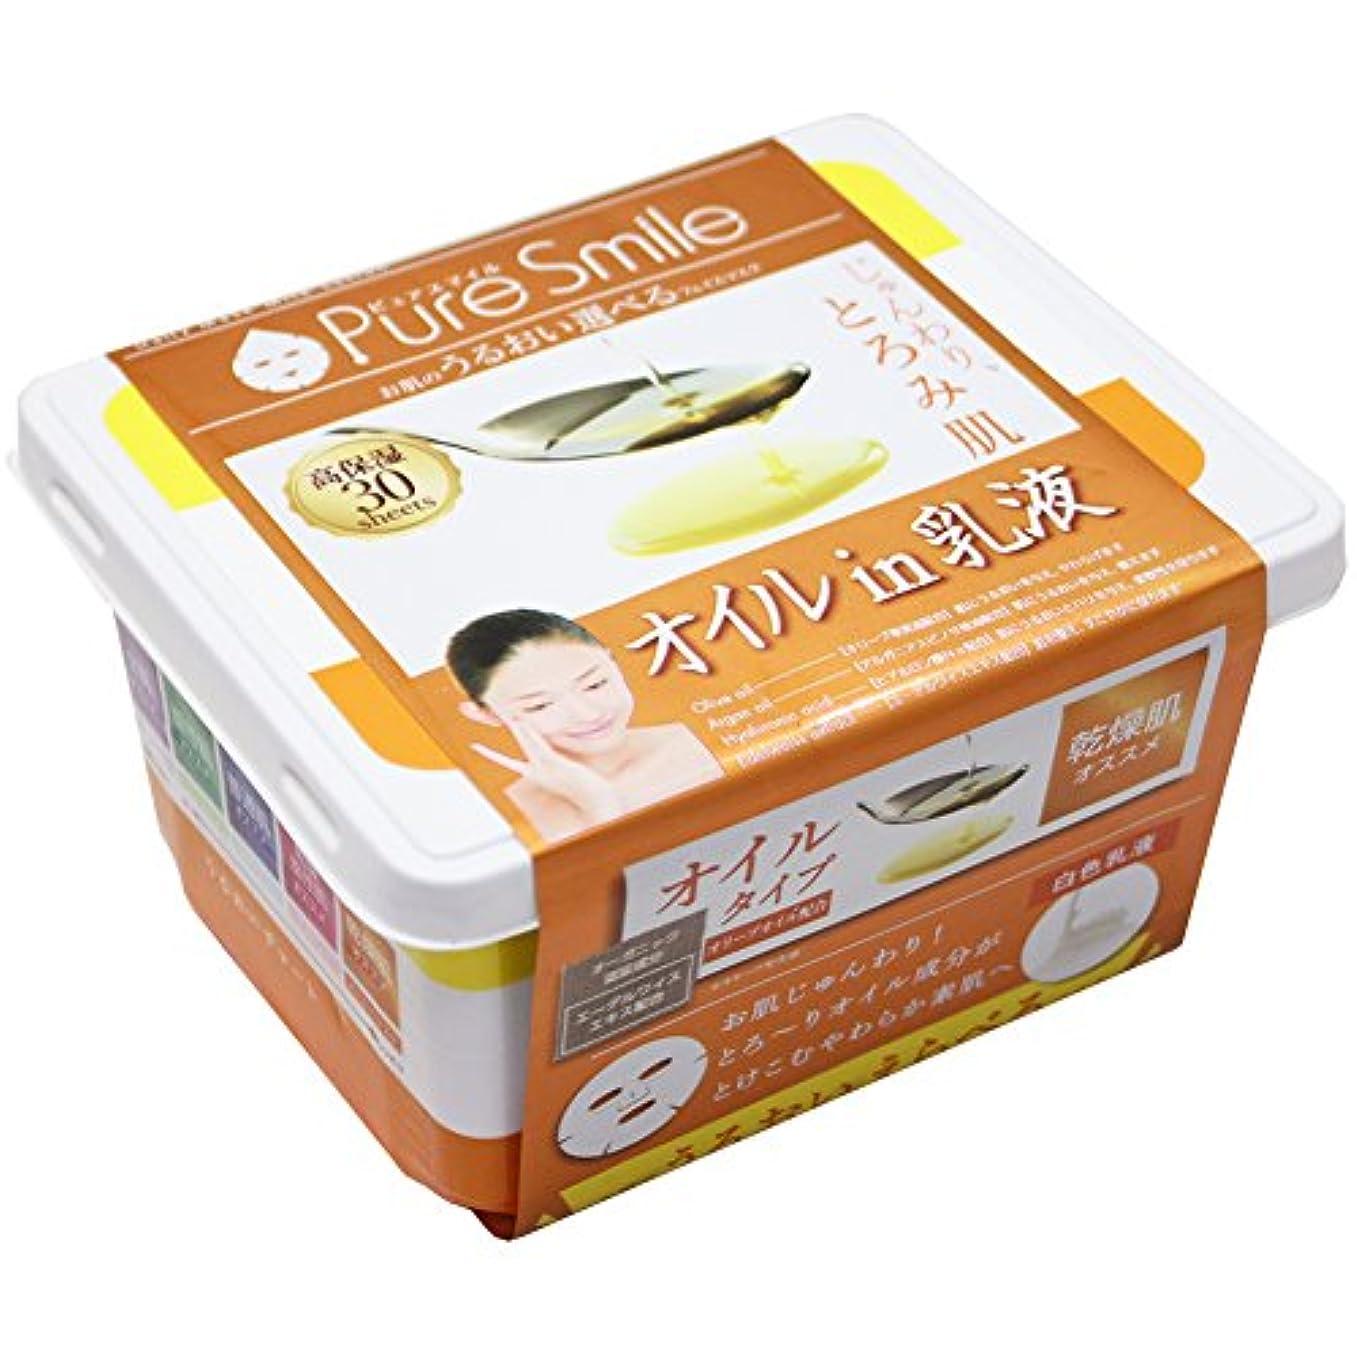 リマうまくいけば要塞Pure Smile(ピュアスマイル) PureSmile(ピュアスマイル) フェイスパック エッセンスマスク 30枚セット オイルin乳液?3S05 フェイスマスク